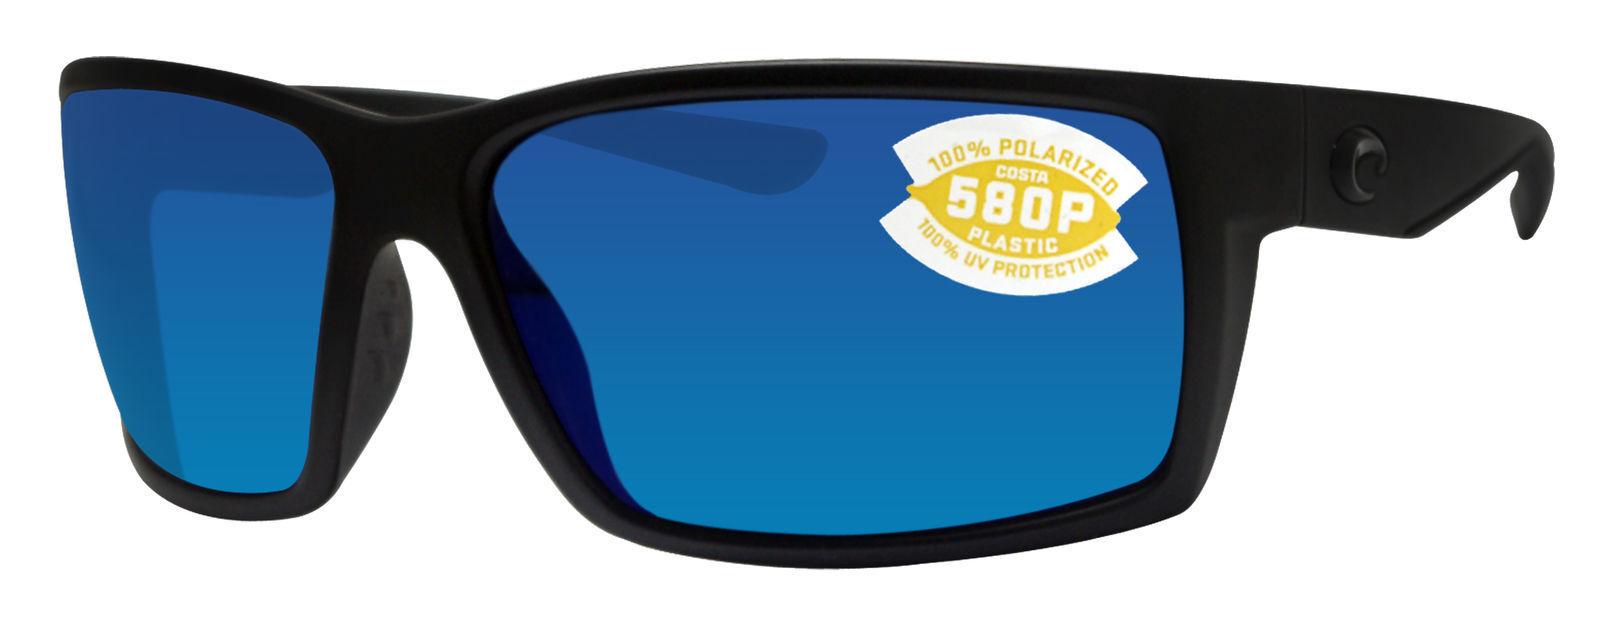 e7b56cc8154 Costa Del Mar Sunglasses - Polarized Reefton Blackout Blue Mirror ...